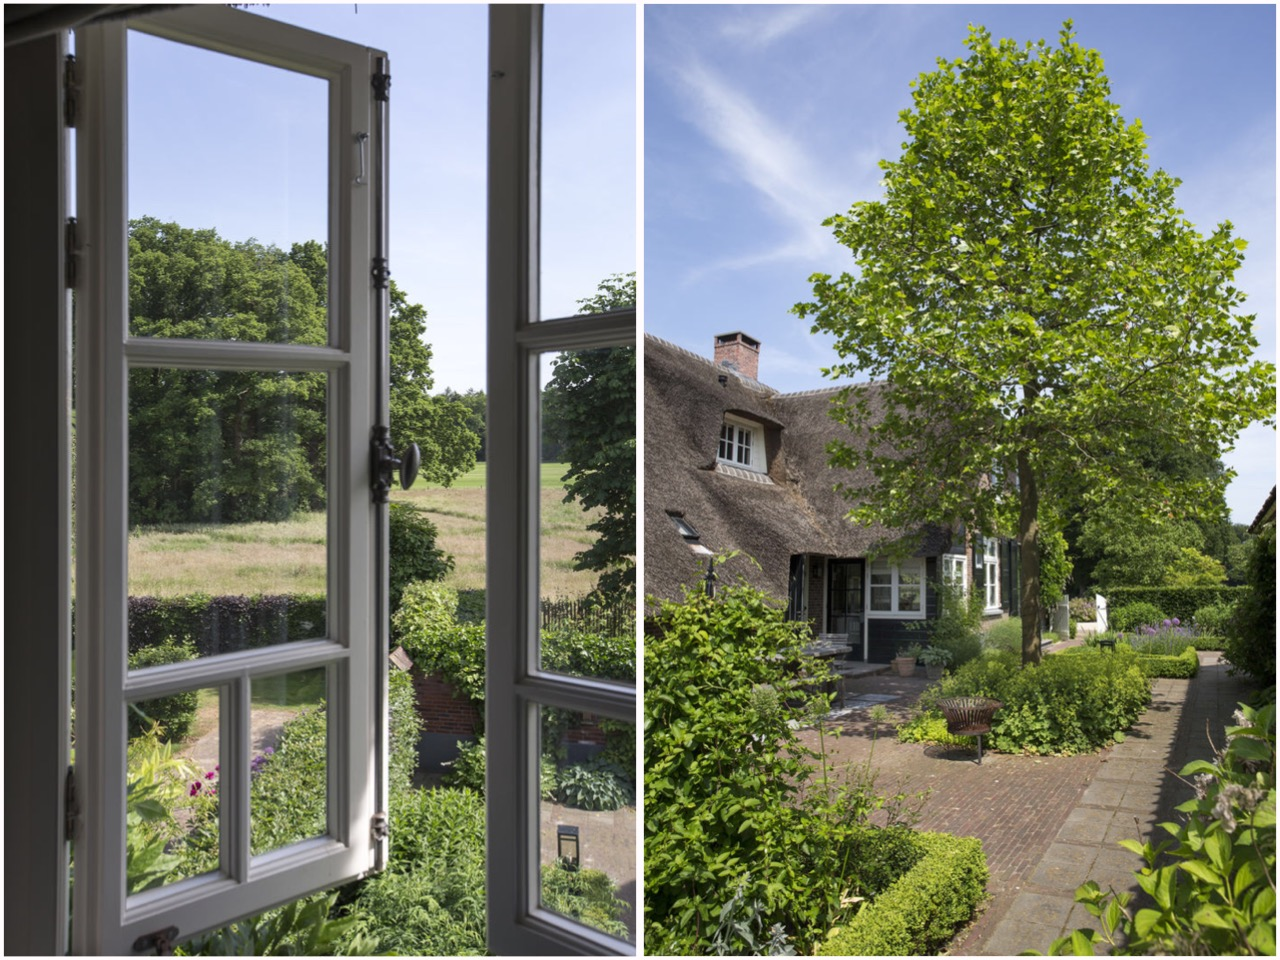 участок загородного дома ландшафт озеленение